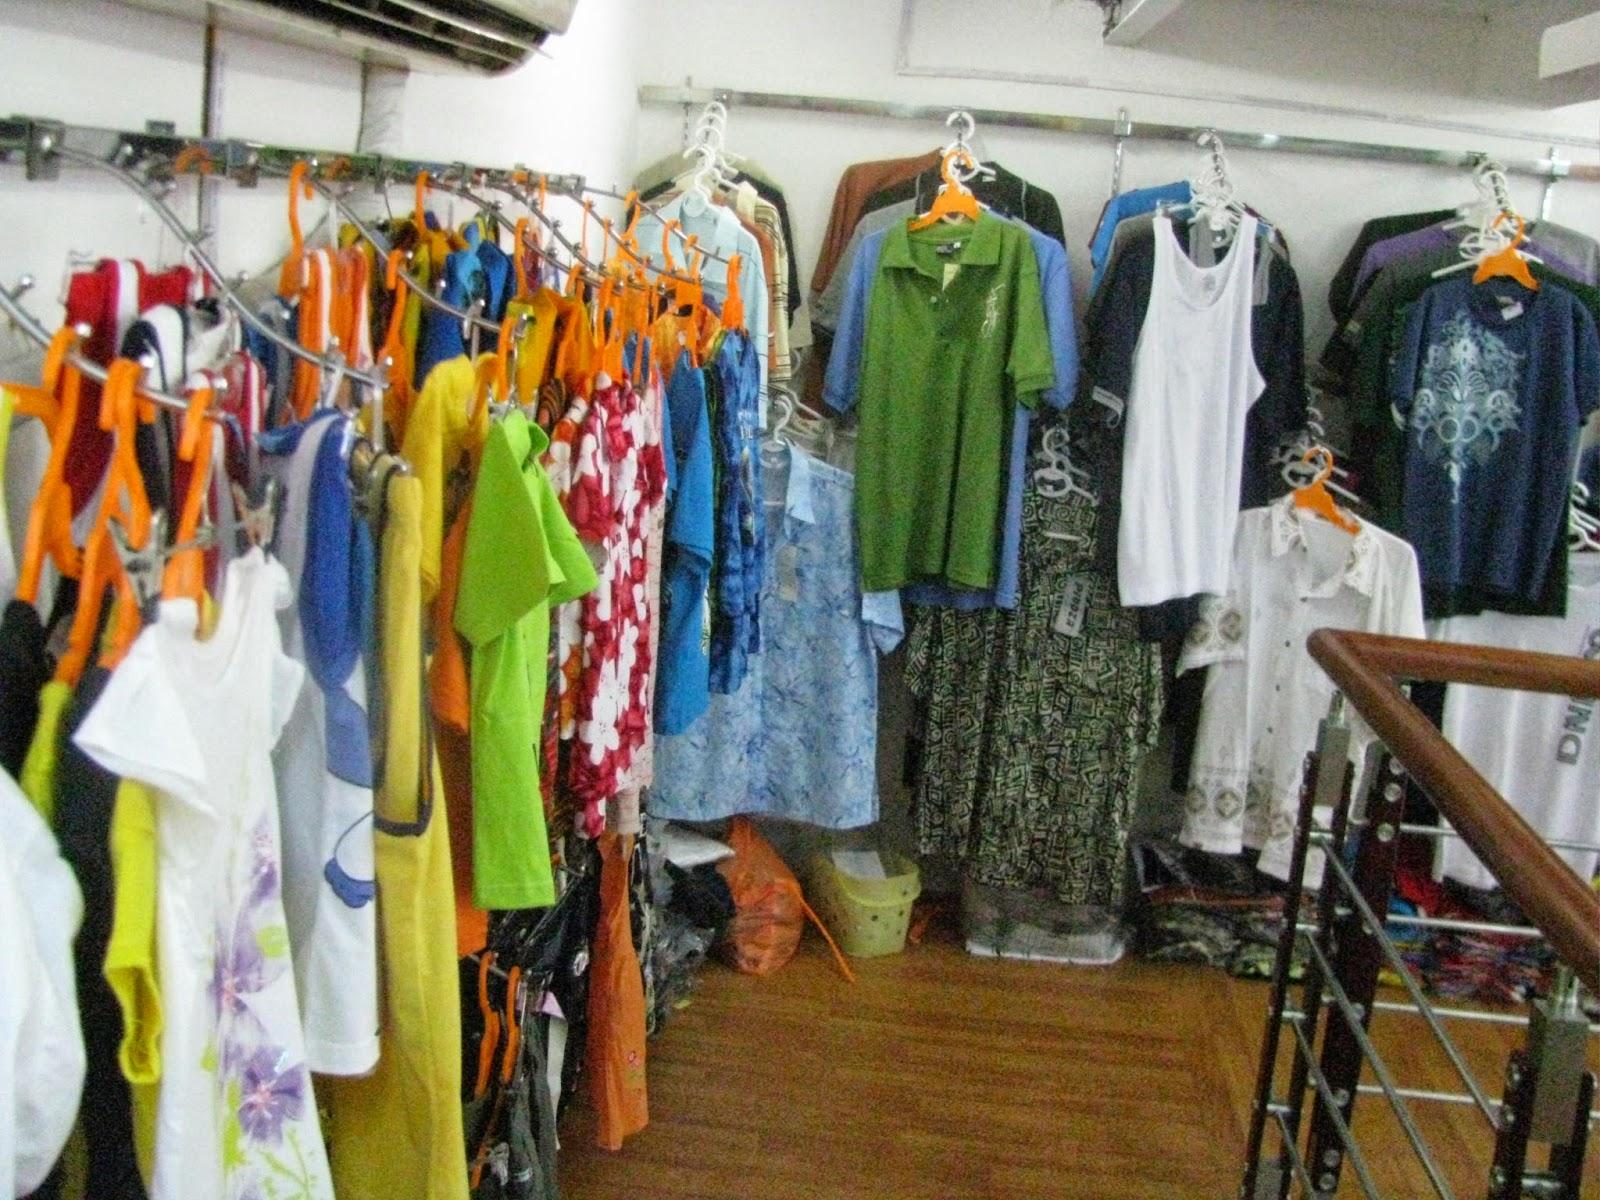 Kinh nghiệm cần biết khi quý khách đi du lịch Thái Lan 2